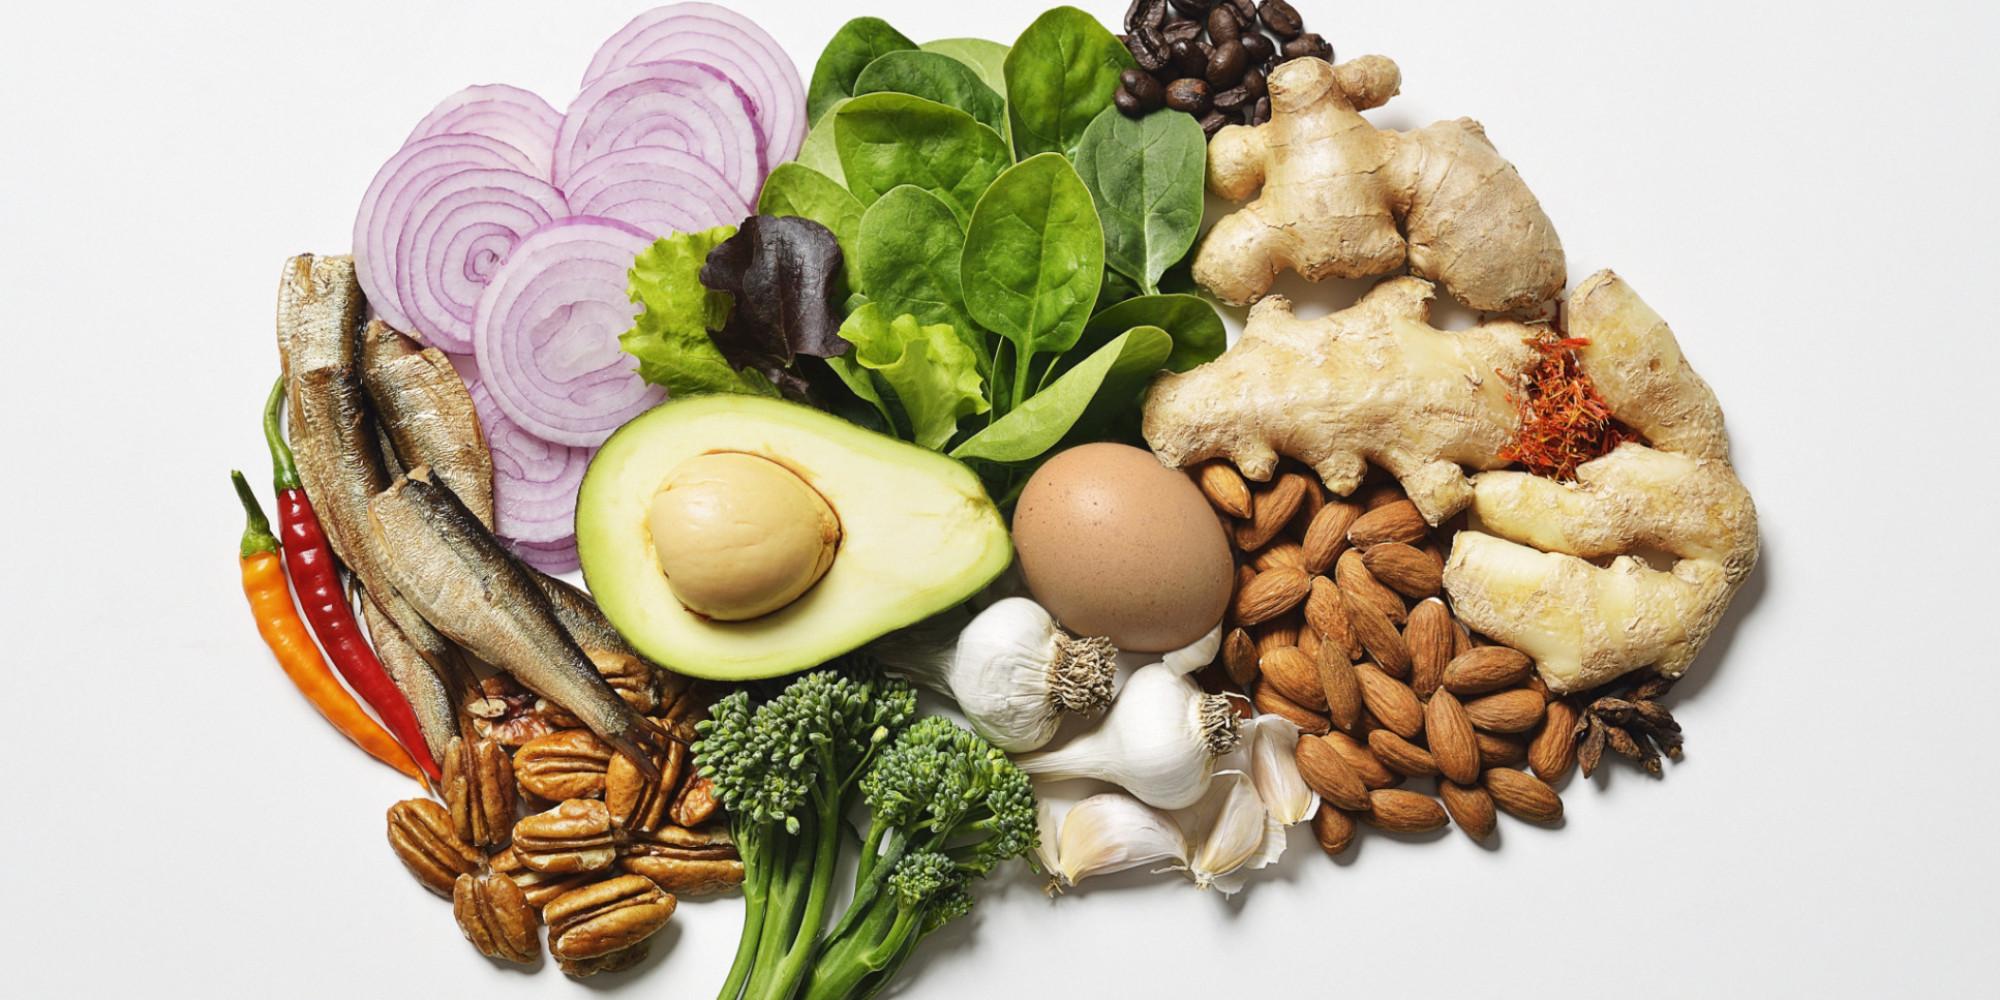 8 súper alimentos que nutren el cerebro - Featured Image